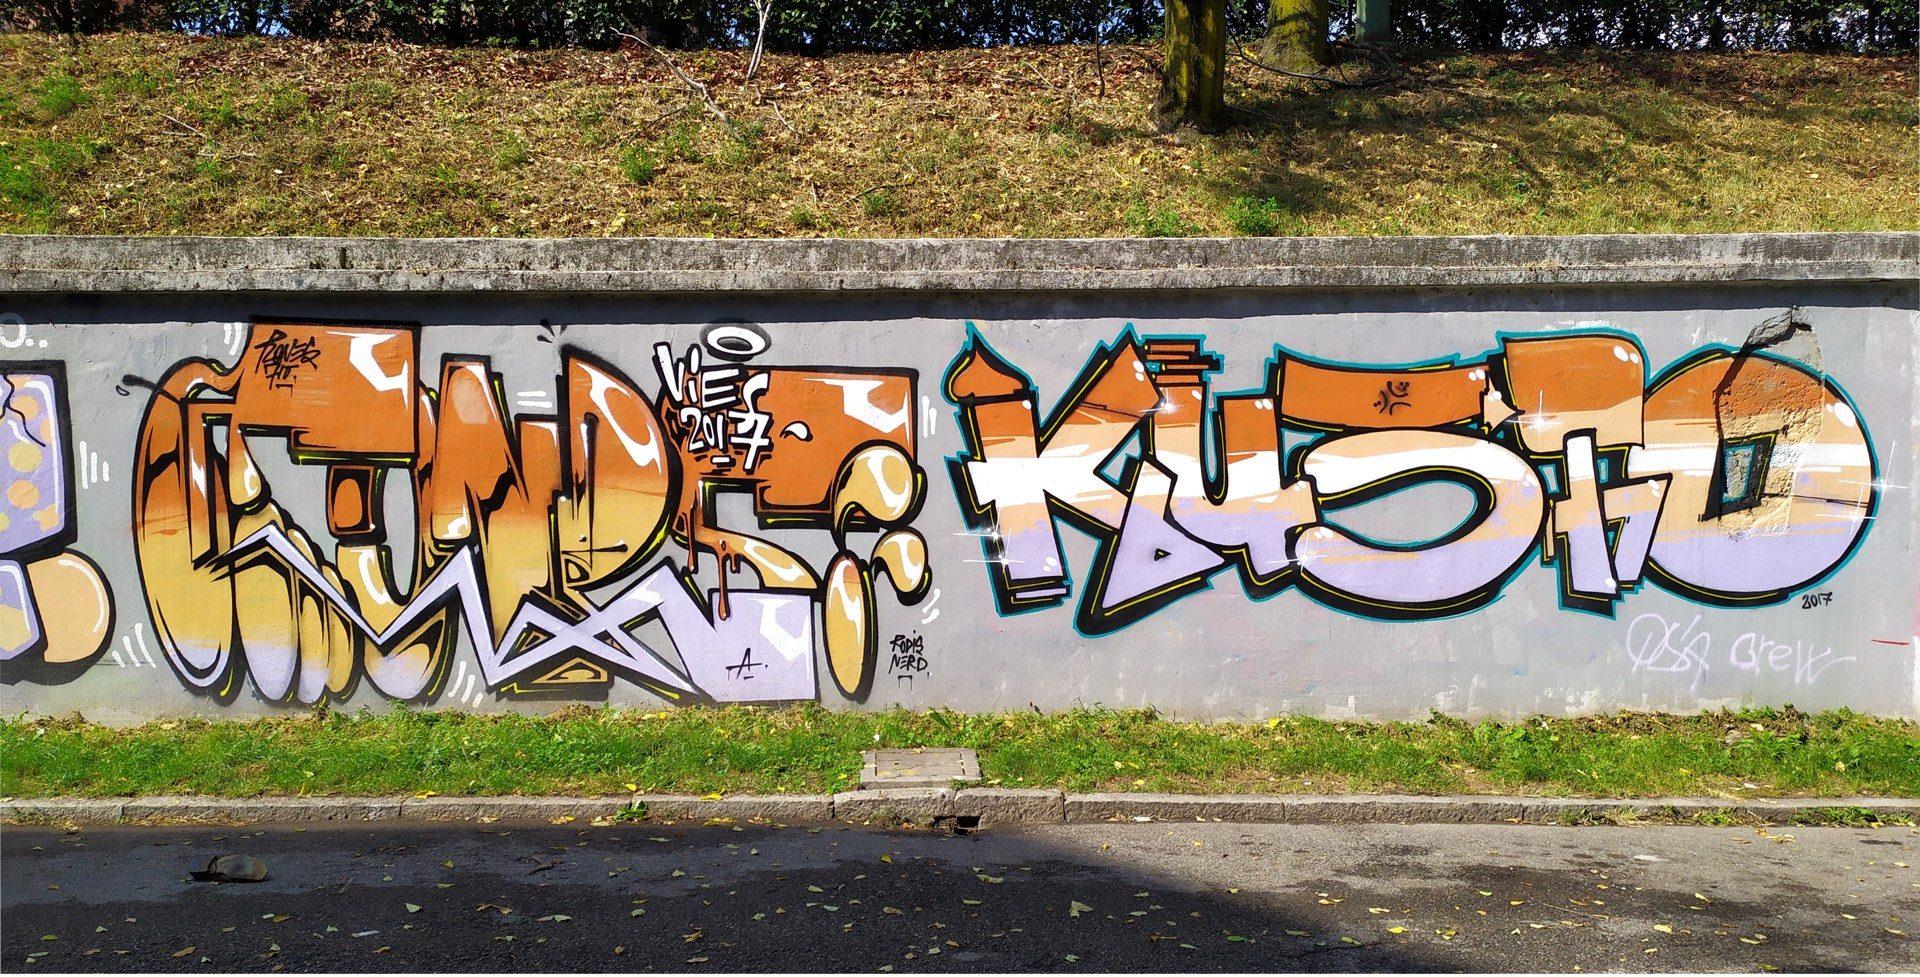 Rones + Kysto